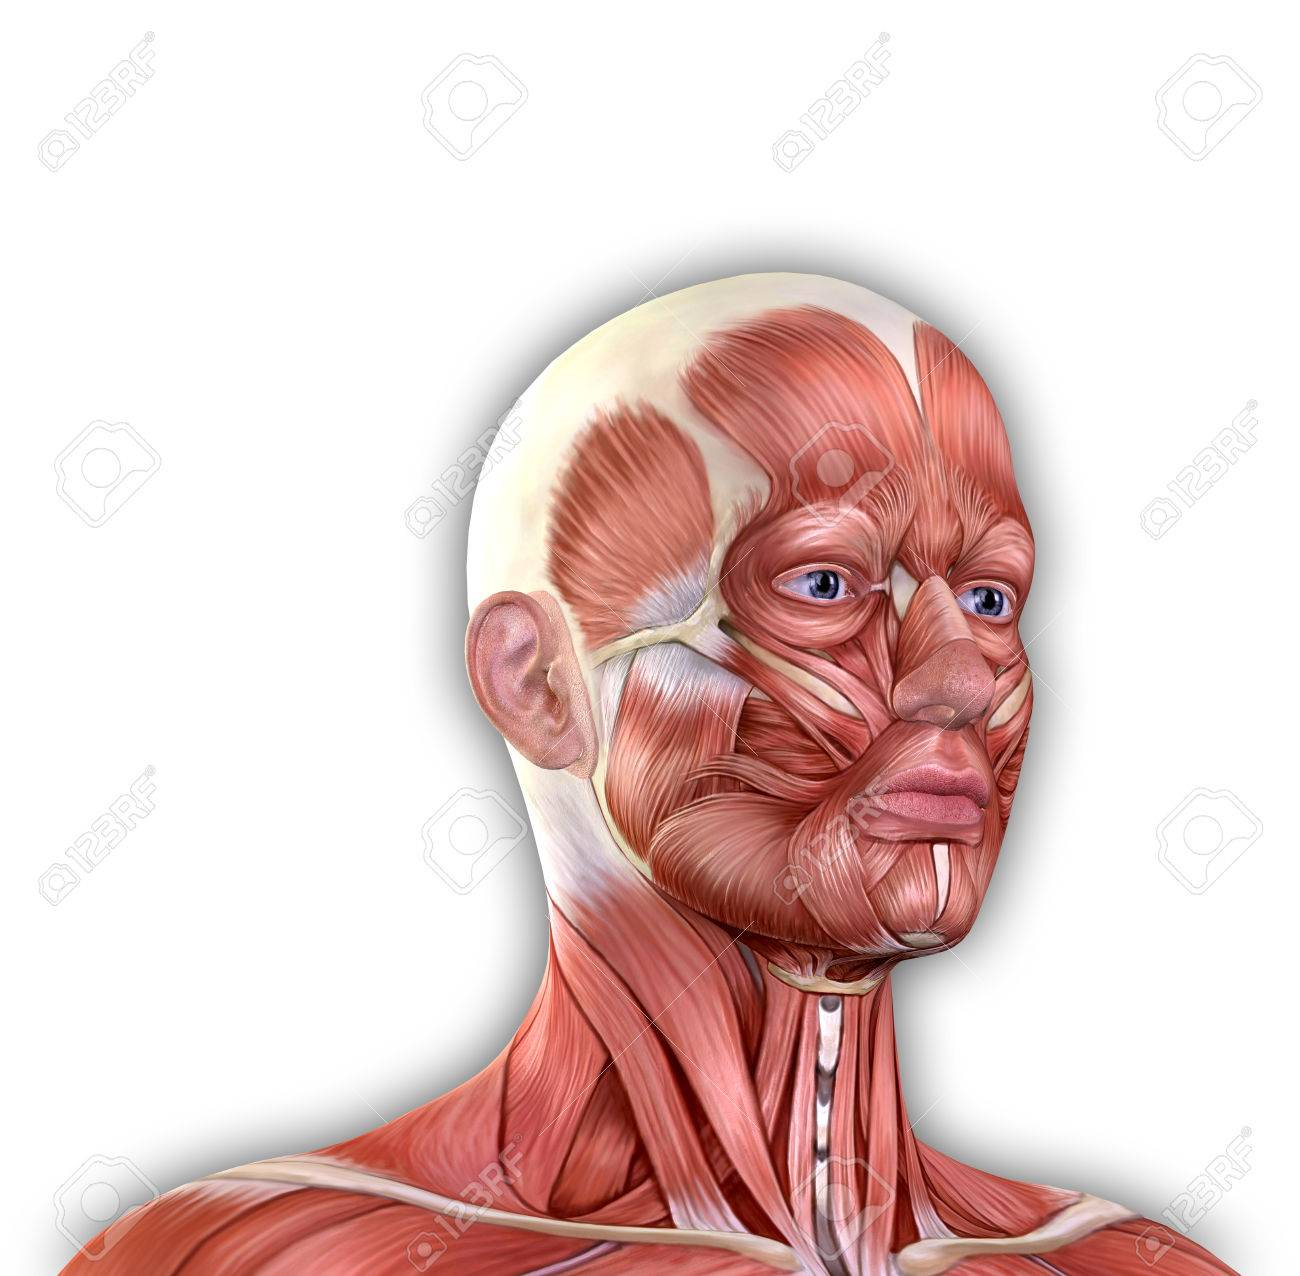 Männliches Gesicht Muskeln Anatomie Isoliert Auf Weiß Lizenzfreie ...